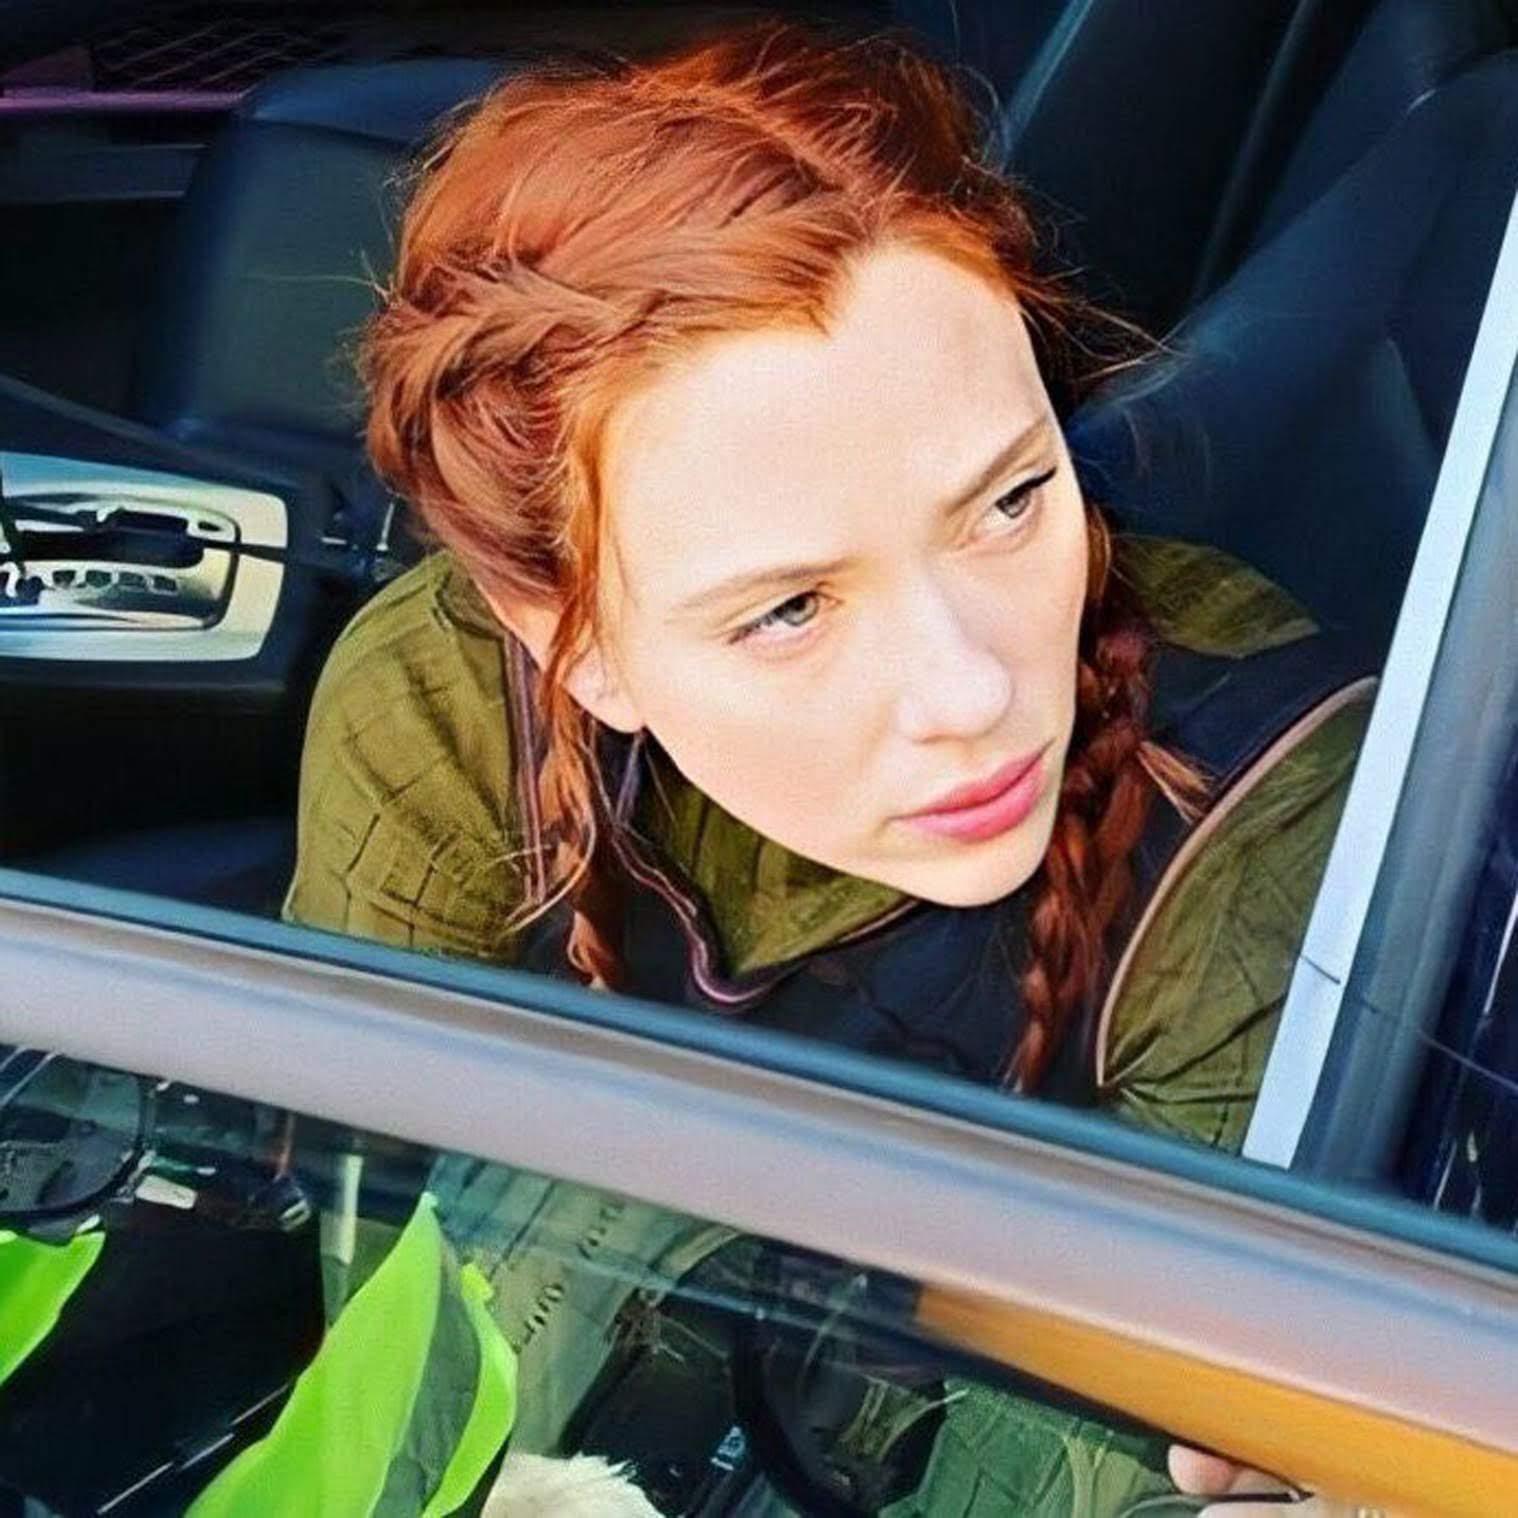 Black Widow : スカーレット・ジョハンソン主演のマーベルの戦うヒロイン映画「ブラック・ウィドウ」のメイキング・フォト ! !